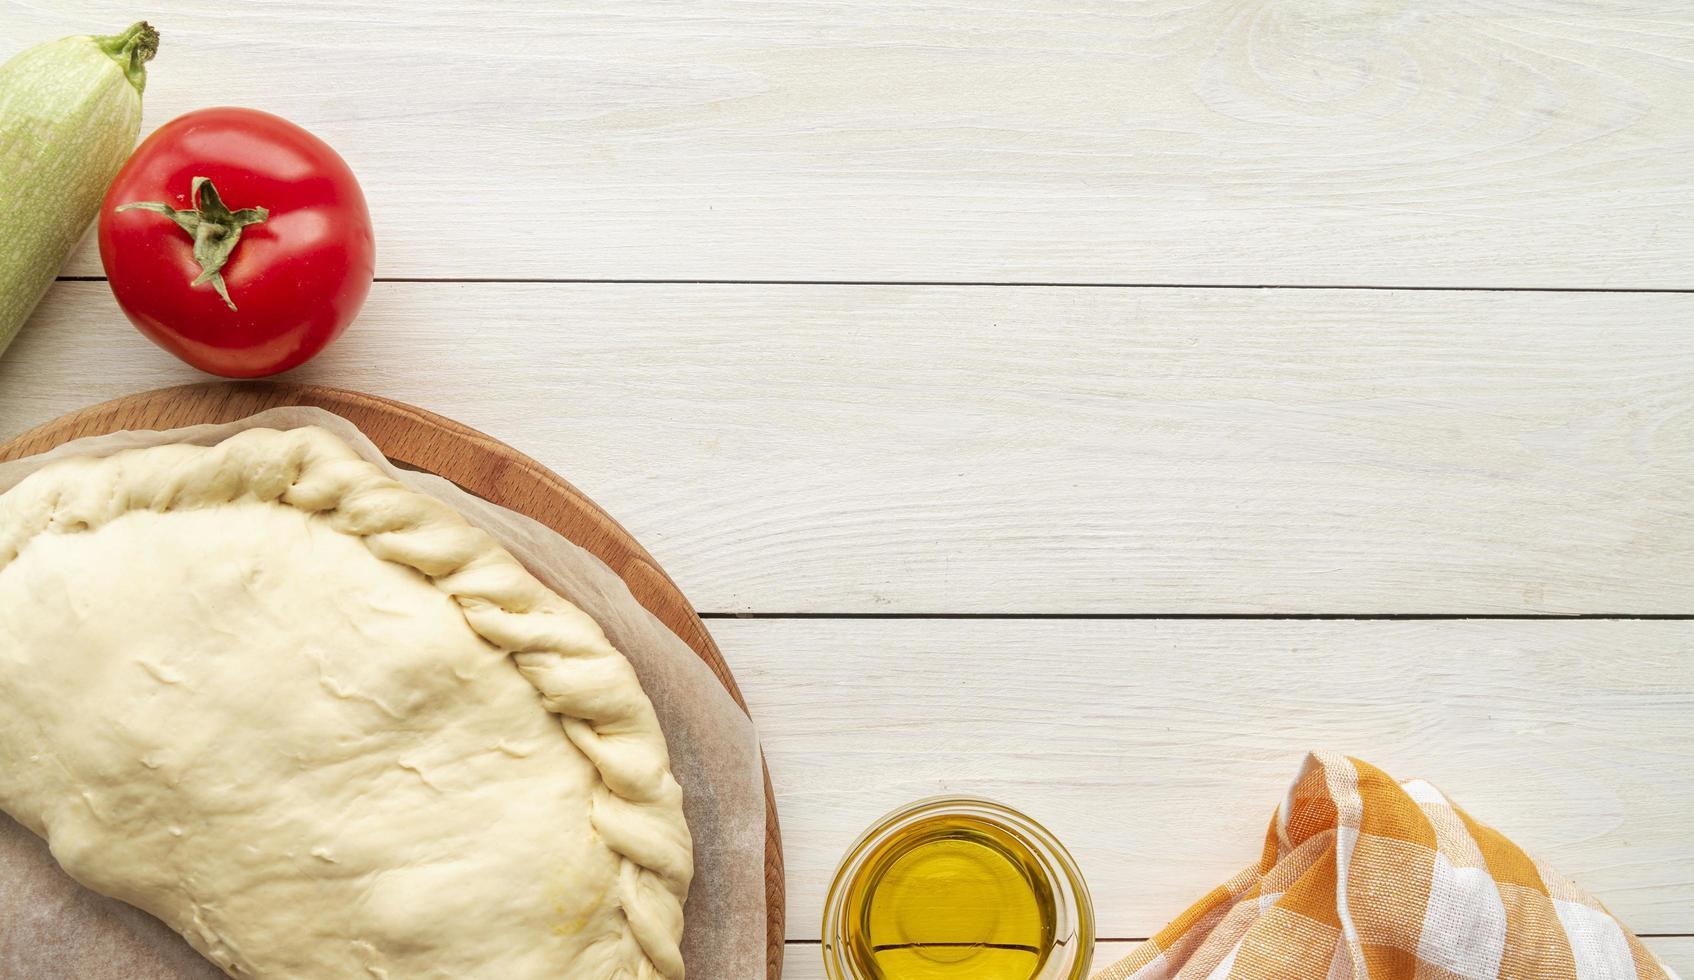 calzone non cuit avec des ingrédients photo